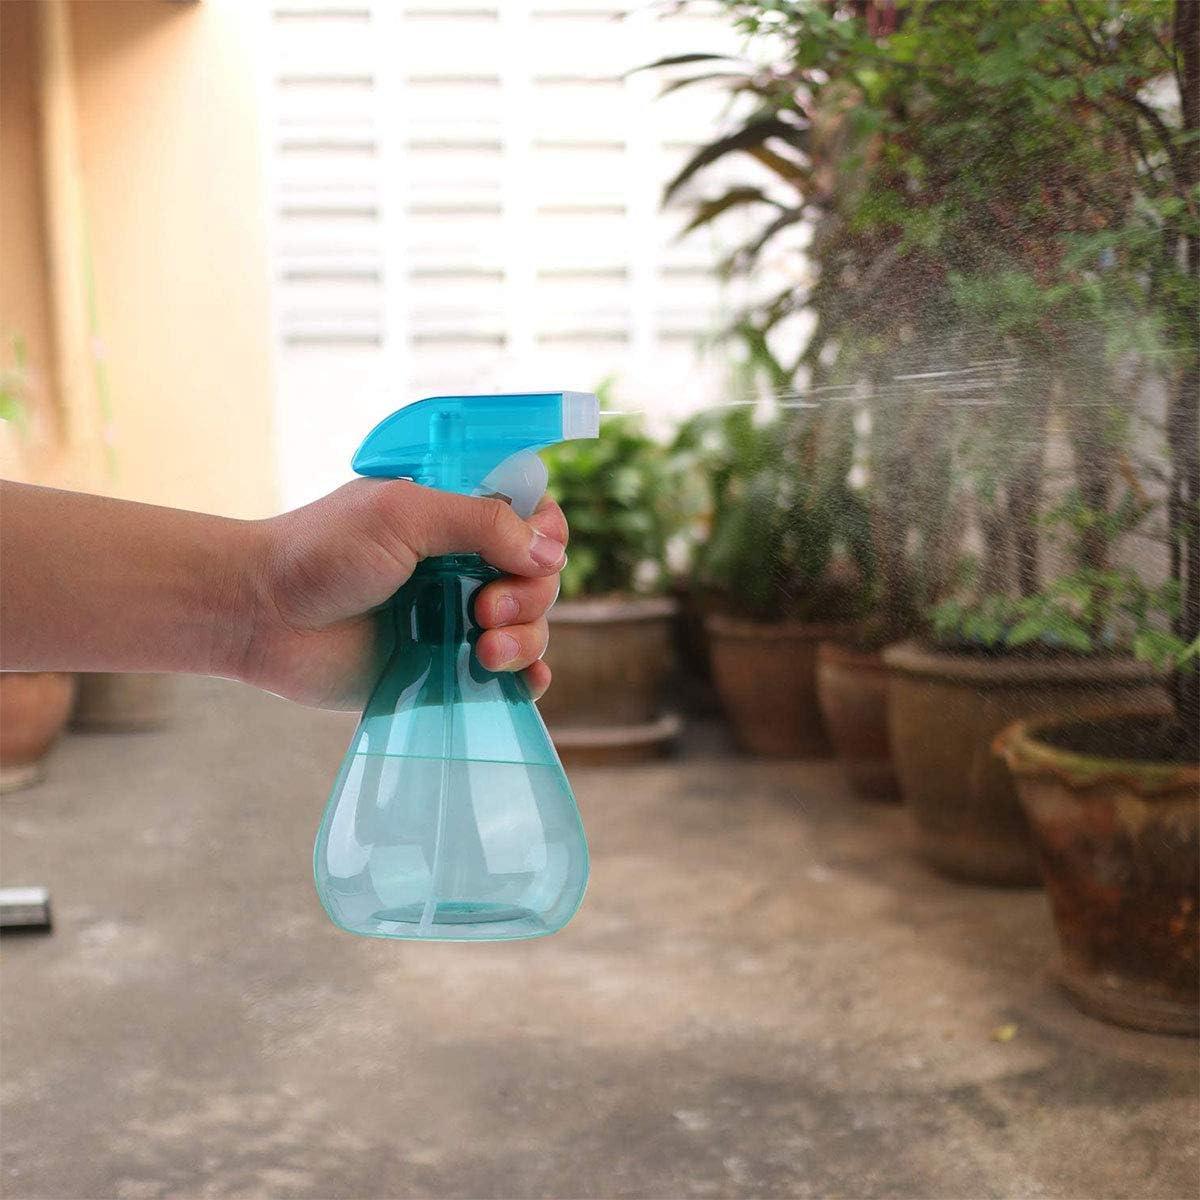 Vaporisateur en plastique vide pour le jardinage Bleu MZ le nettoyage lalimentation